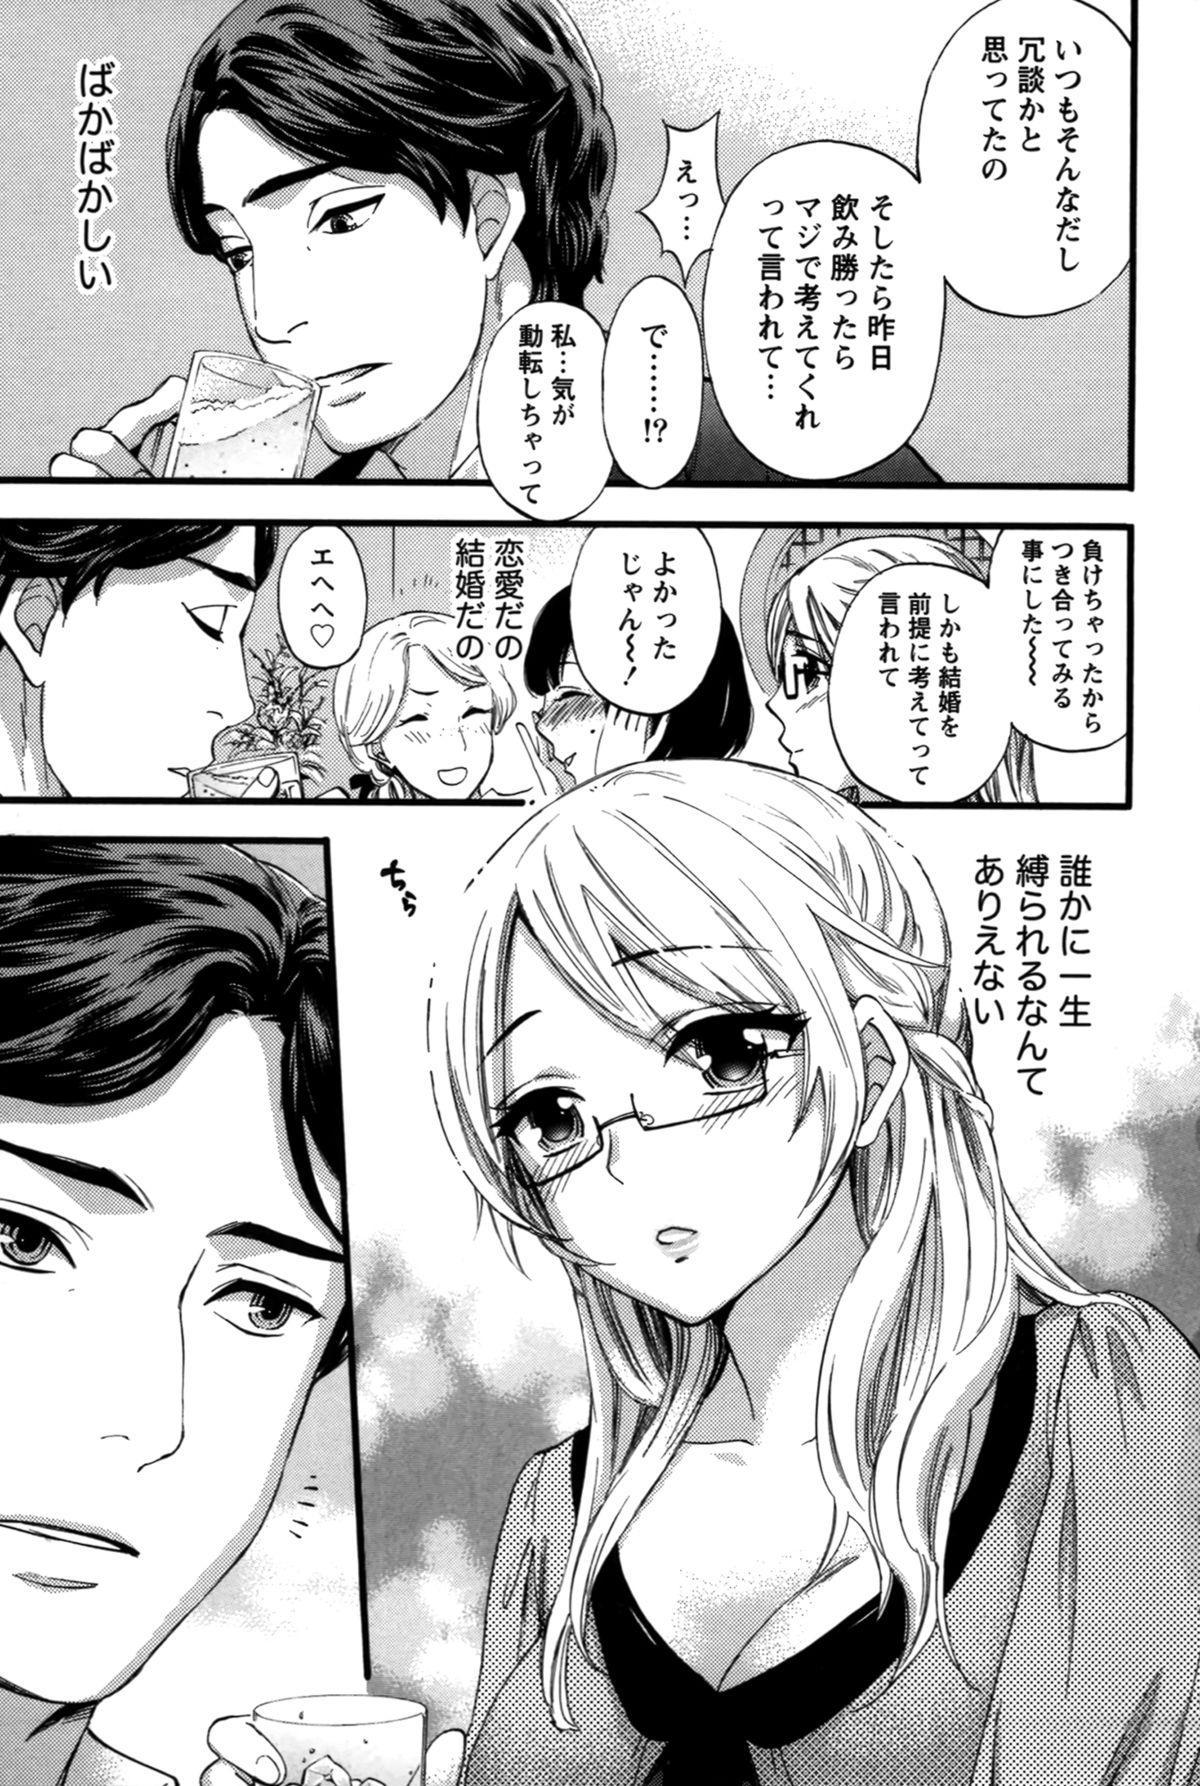 Anata to Watashi wa Warukunai 121